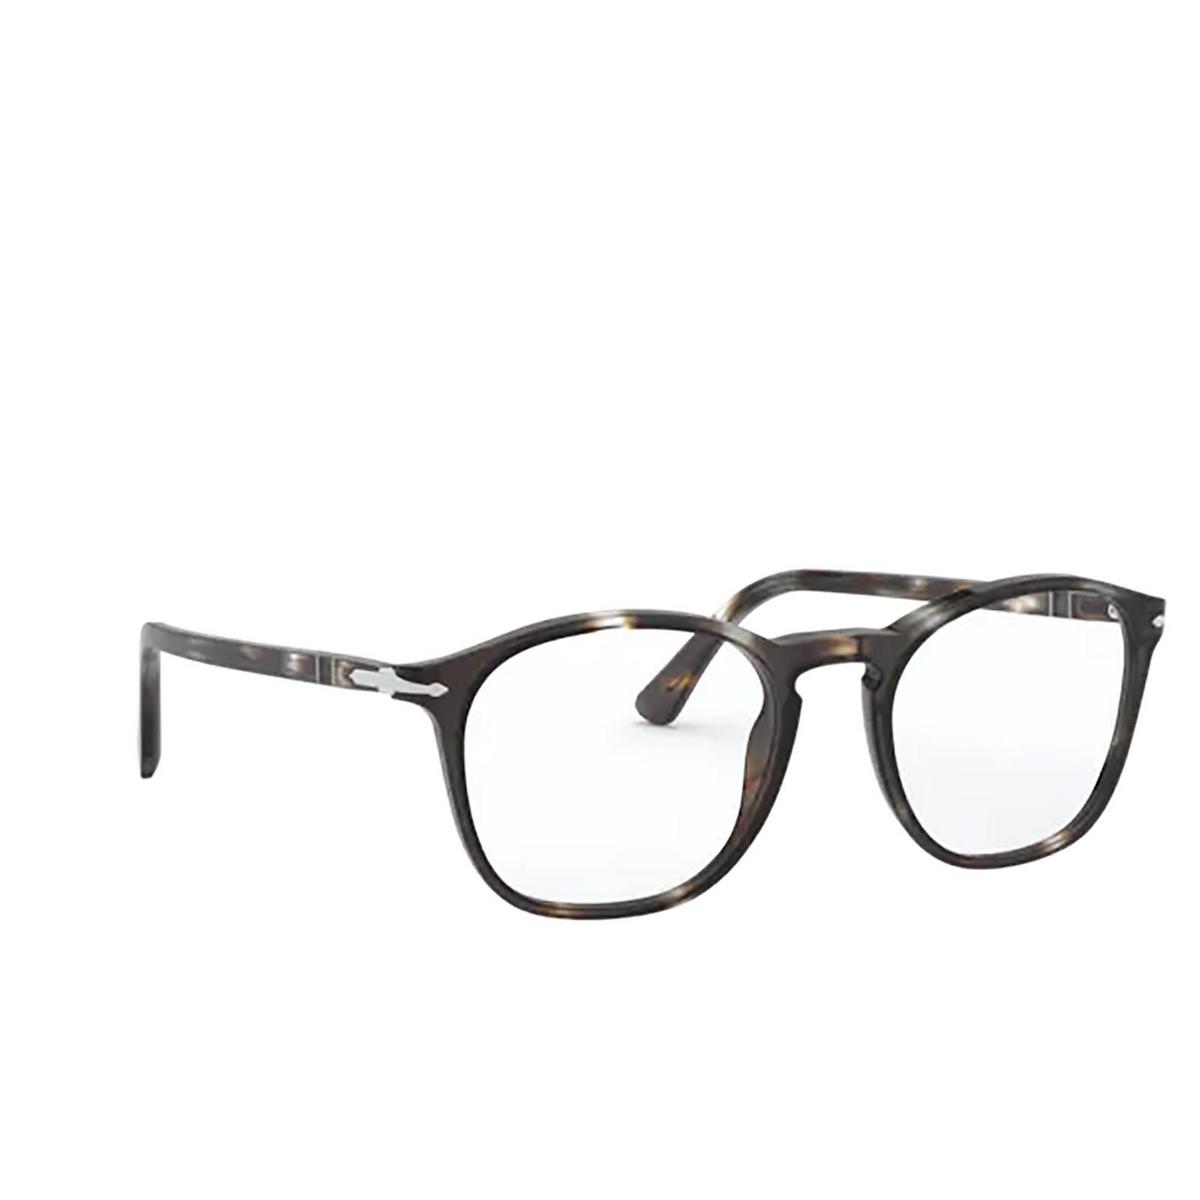 Persol® Square Eyeglasses: PO3007VM color Striped Brown & Smoke 1124 - three-quarters view.